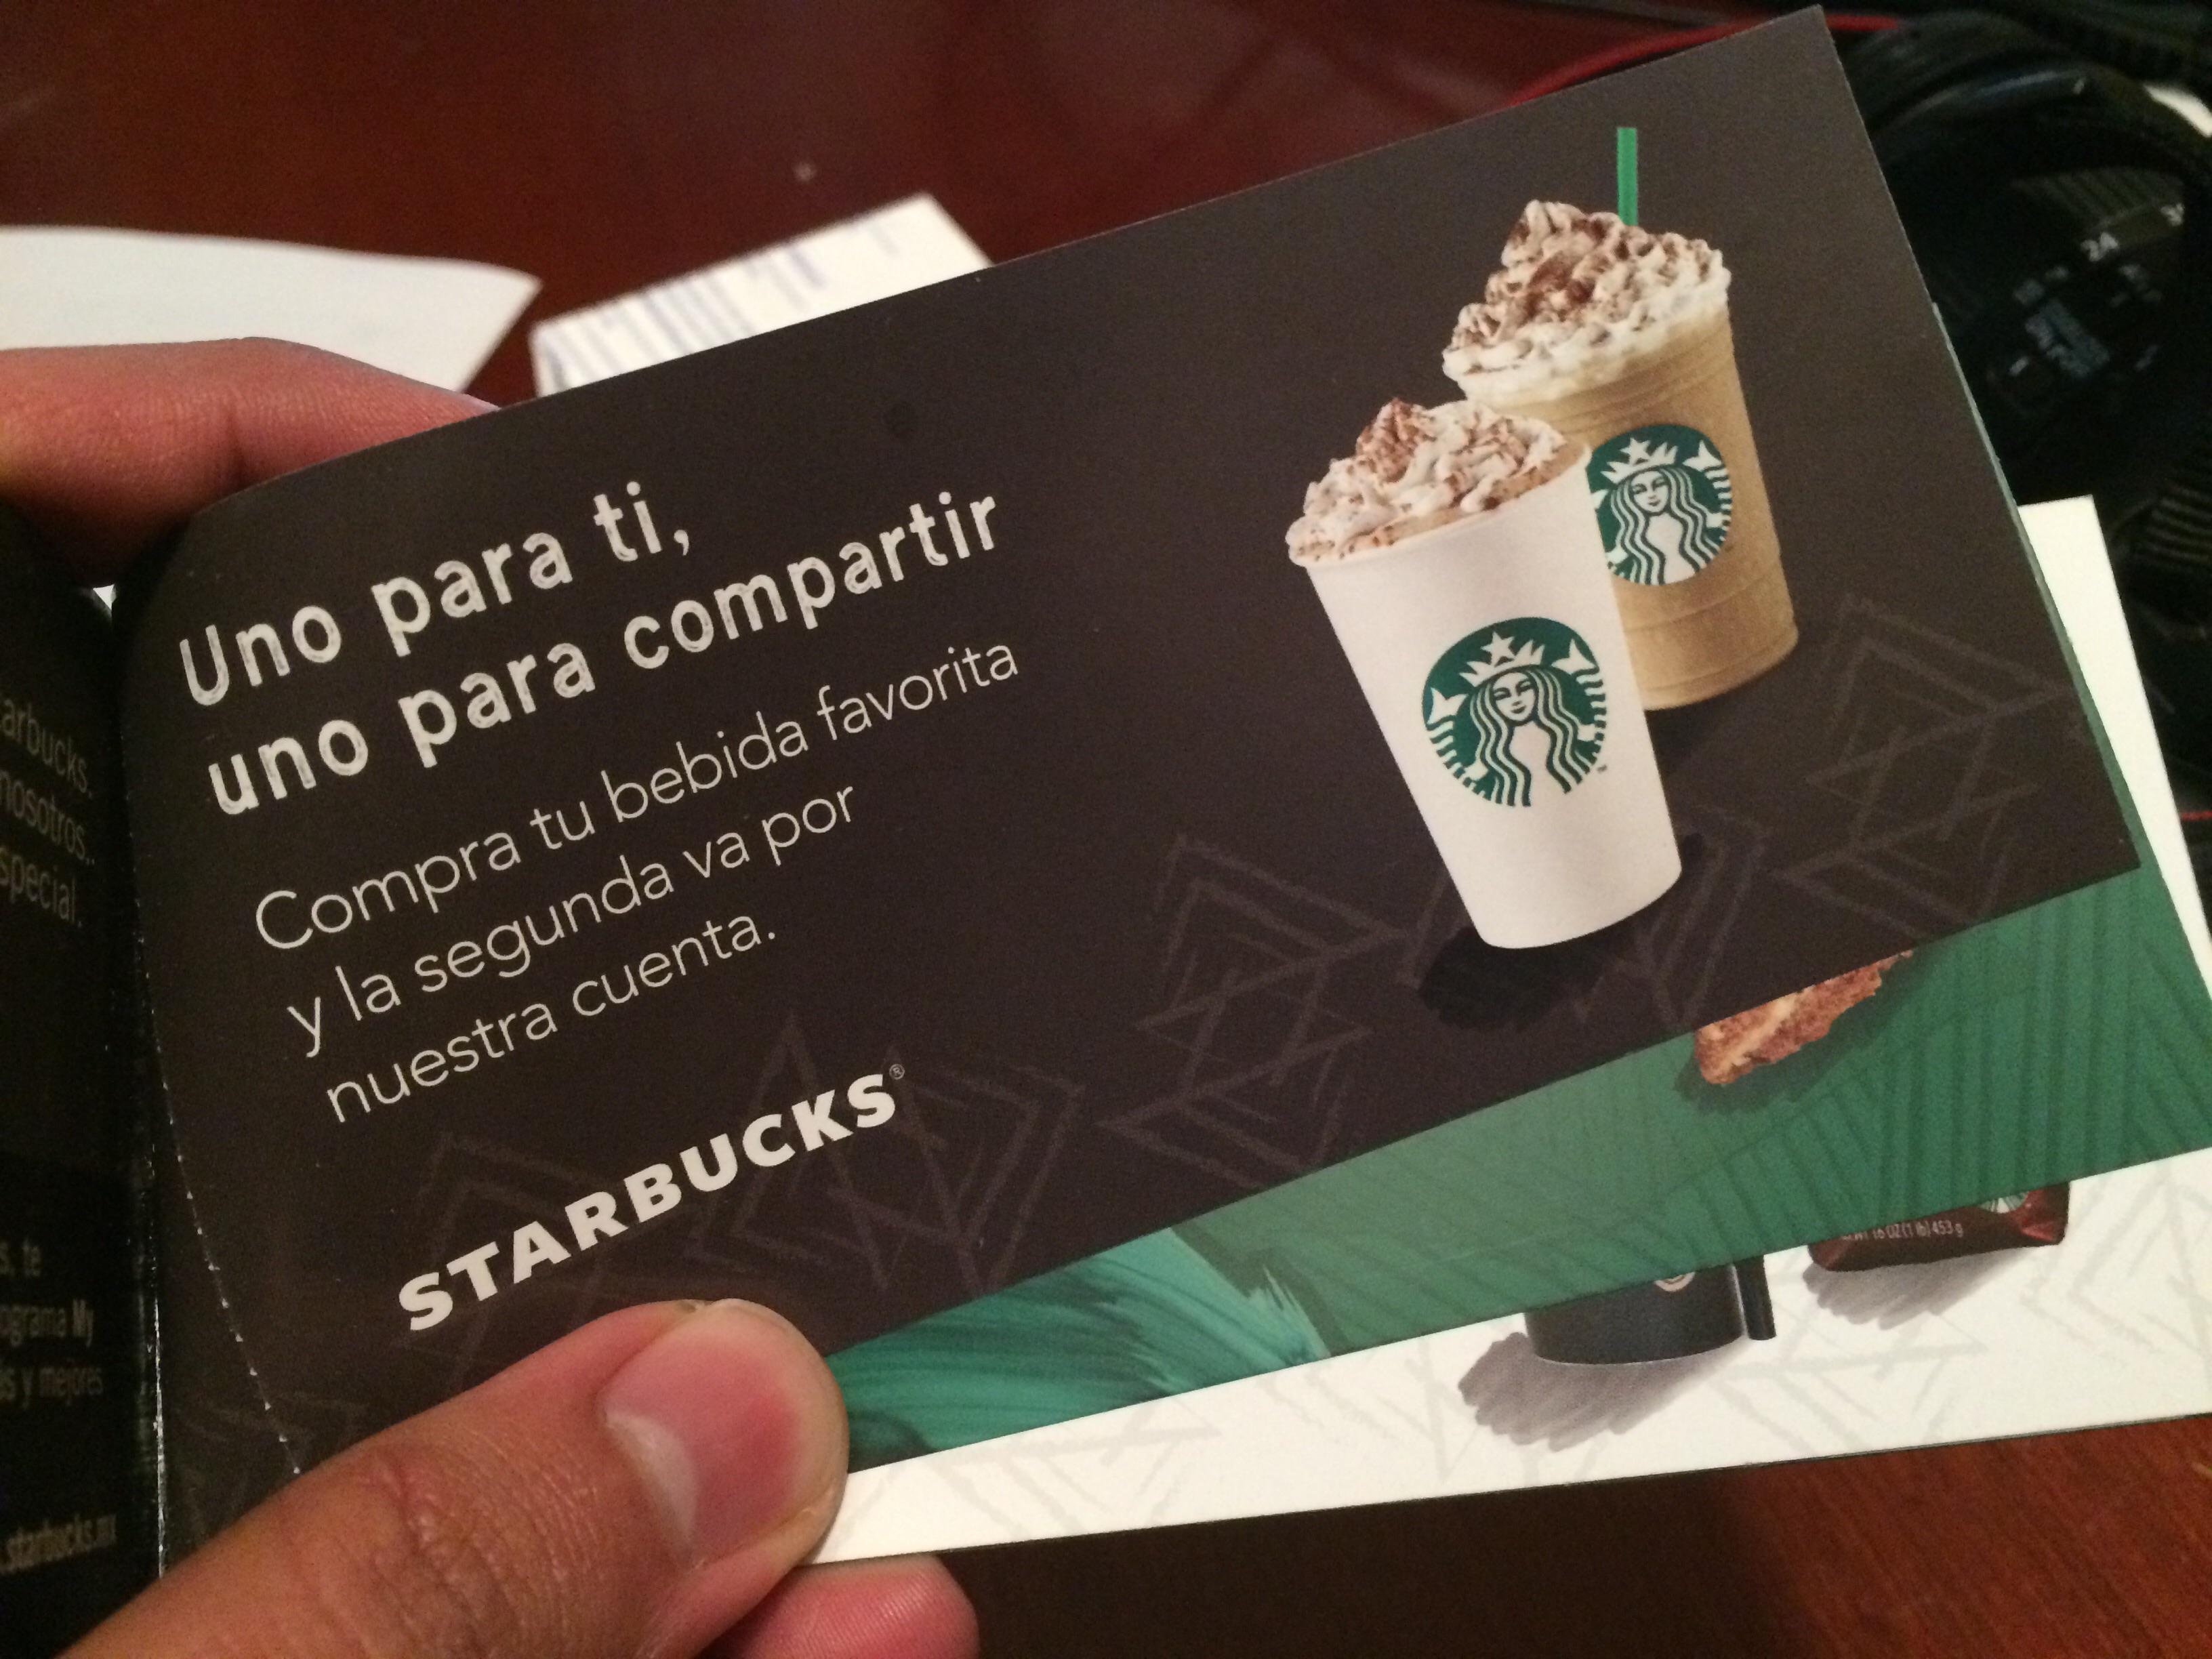 Starbucks: cuponera con 2x1 y otras promociones y precios especiales